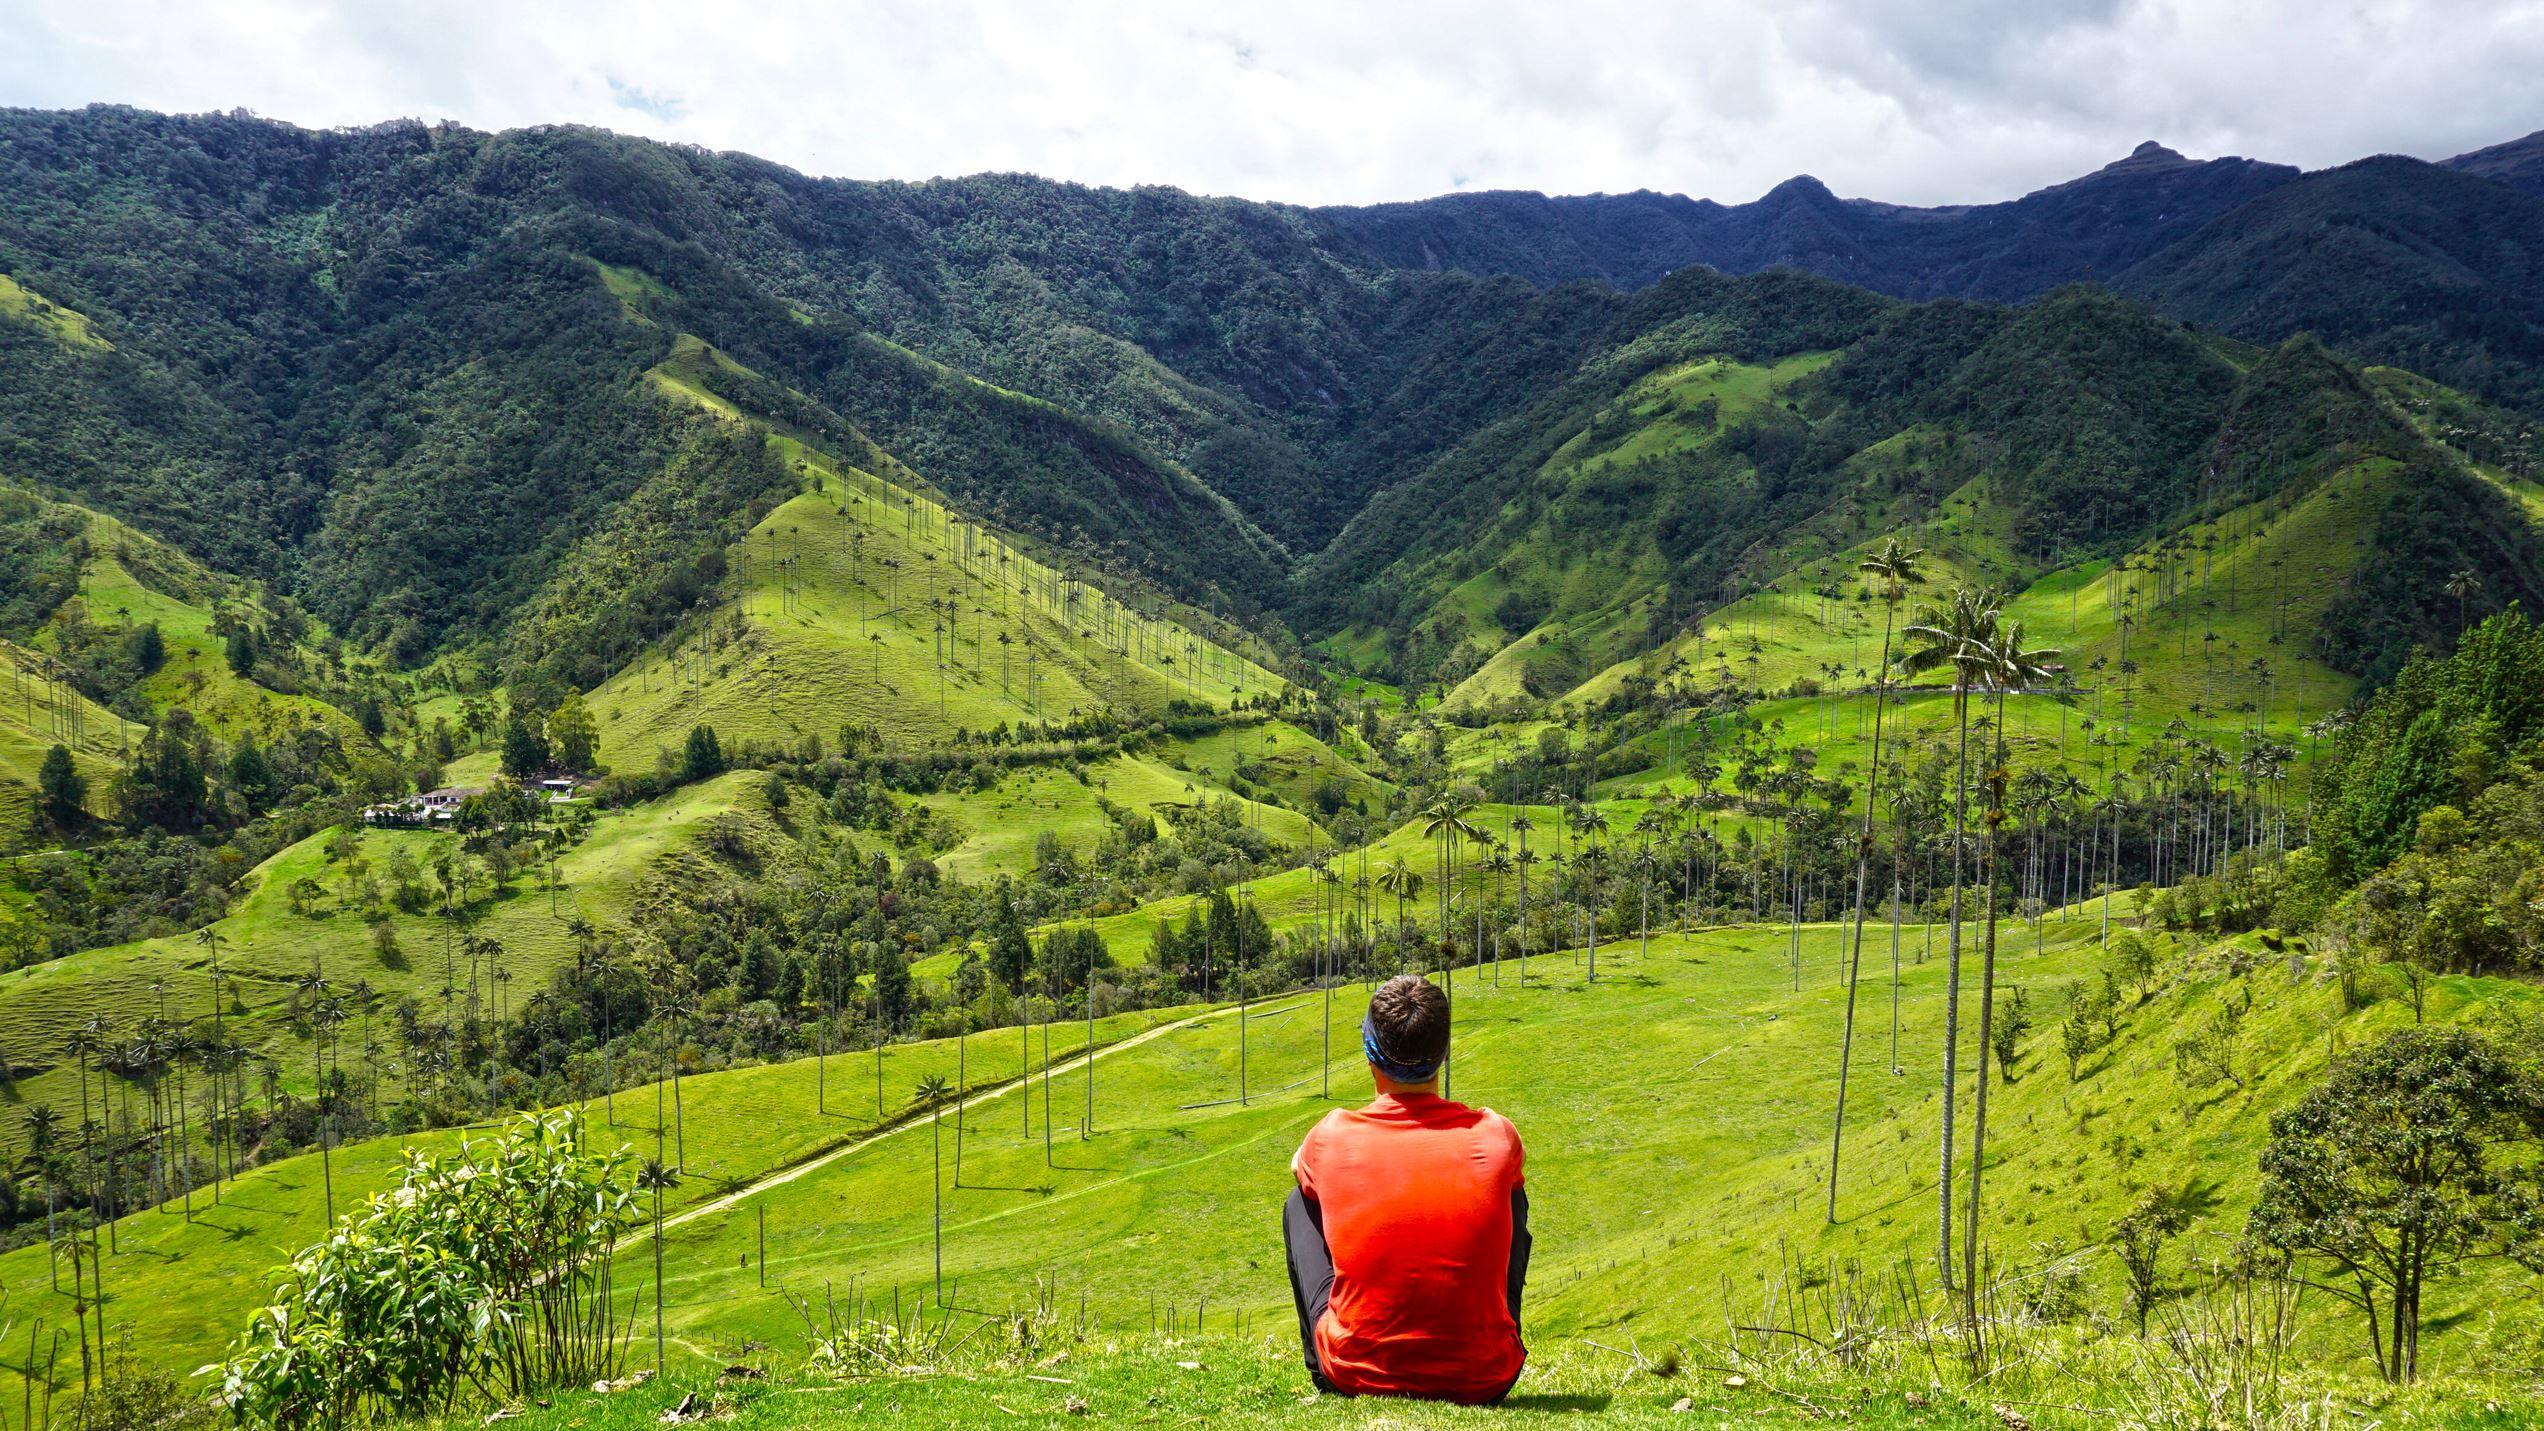 Nezabudnuteľný pohľad na údolie Cocora